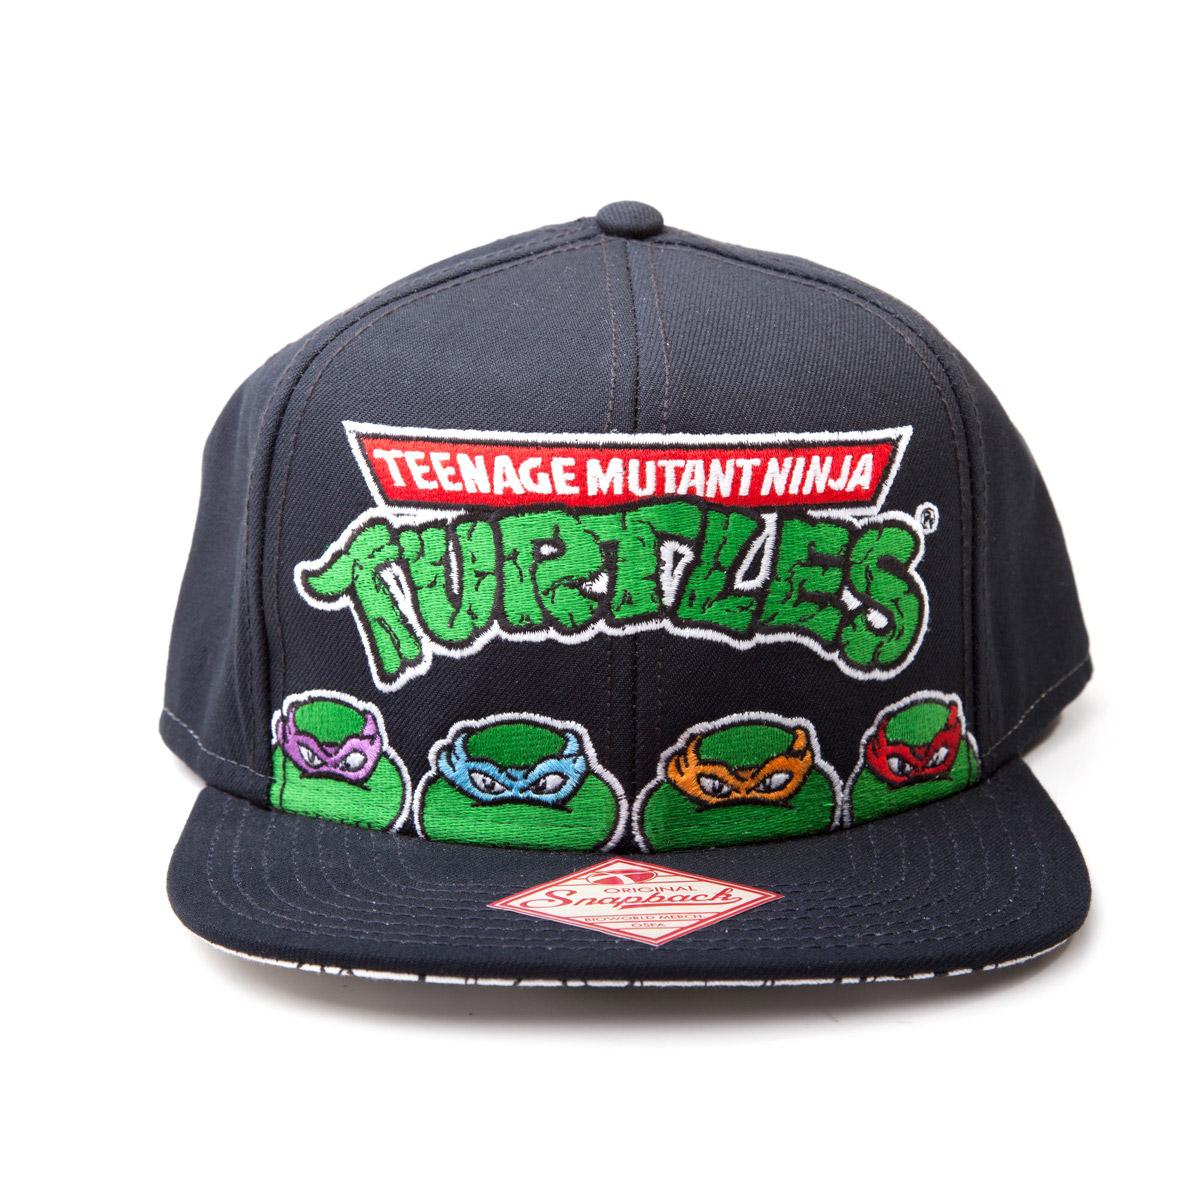 Teenage Mutant Ninja Turtles Snap Back Baseball Cap 4 Turtles